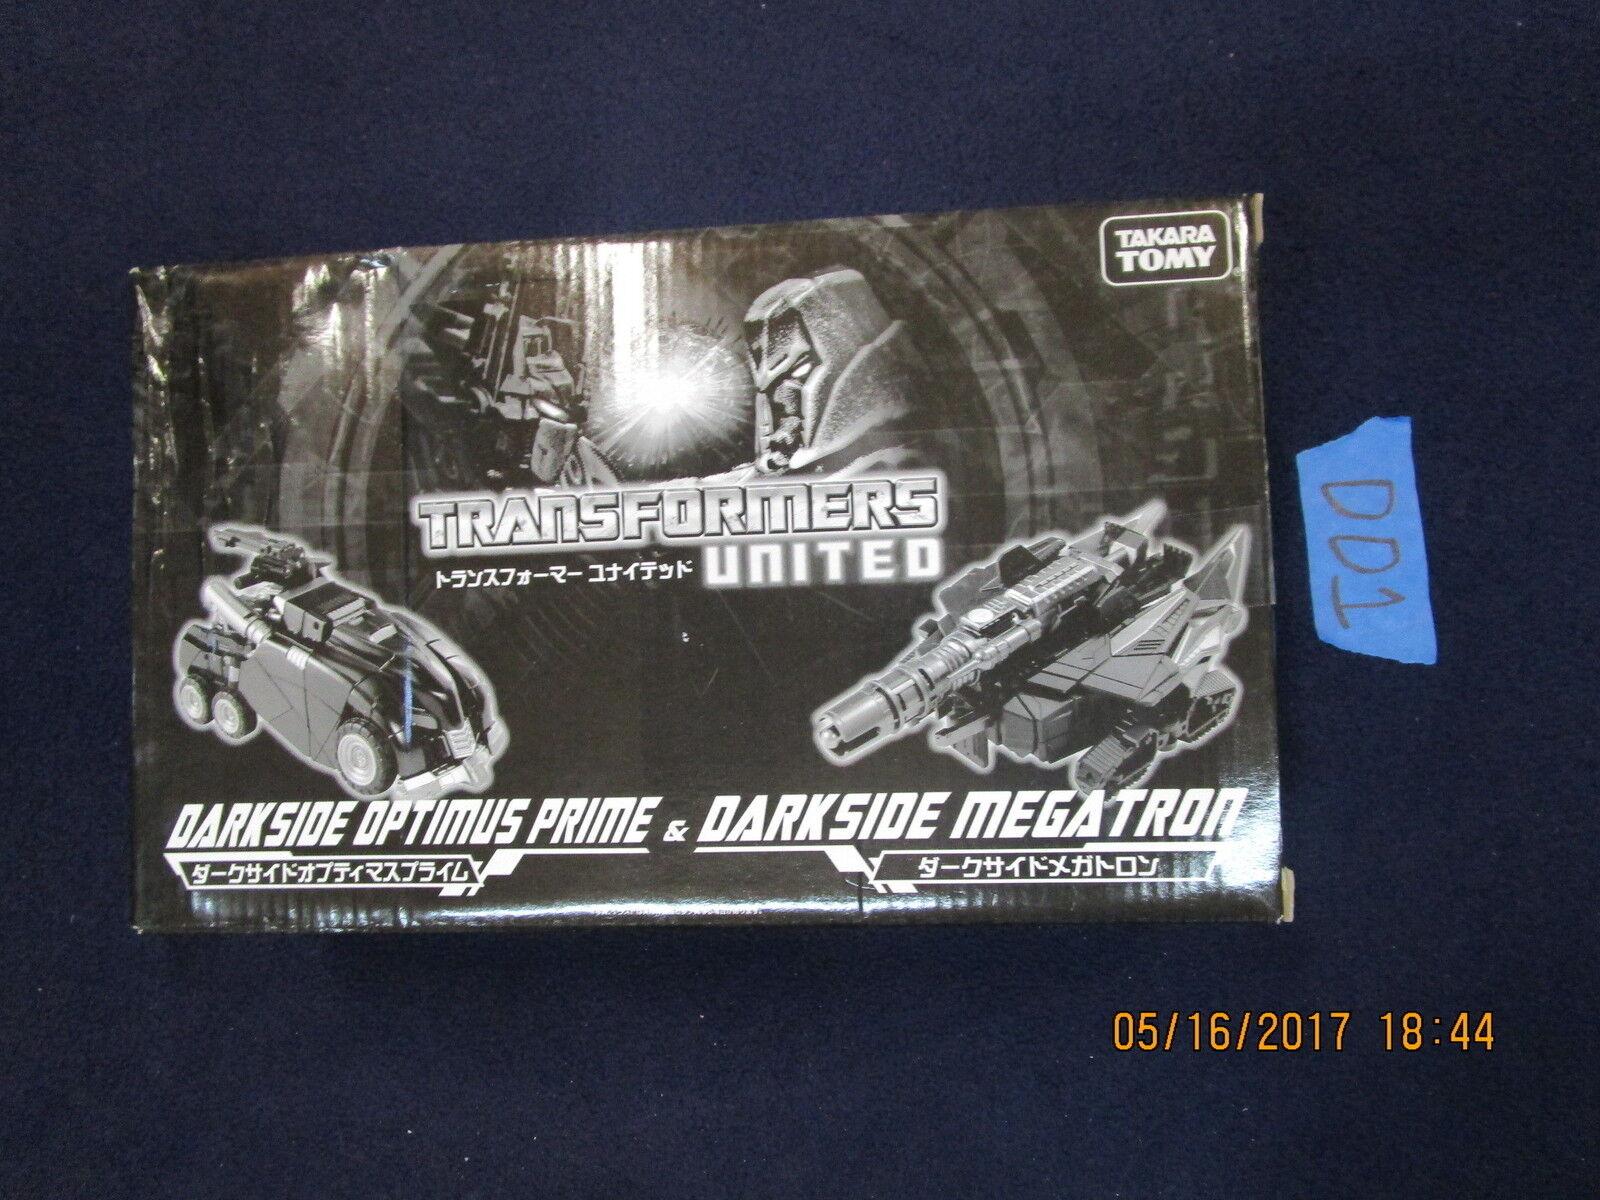 Con 100% de calidad y servicio de% 100. Transformers Lote Unidos DD1 Takara Darkside Optimus Prime & Megatron Megatron Megatron WFC foc  mejor marca